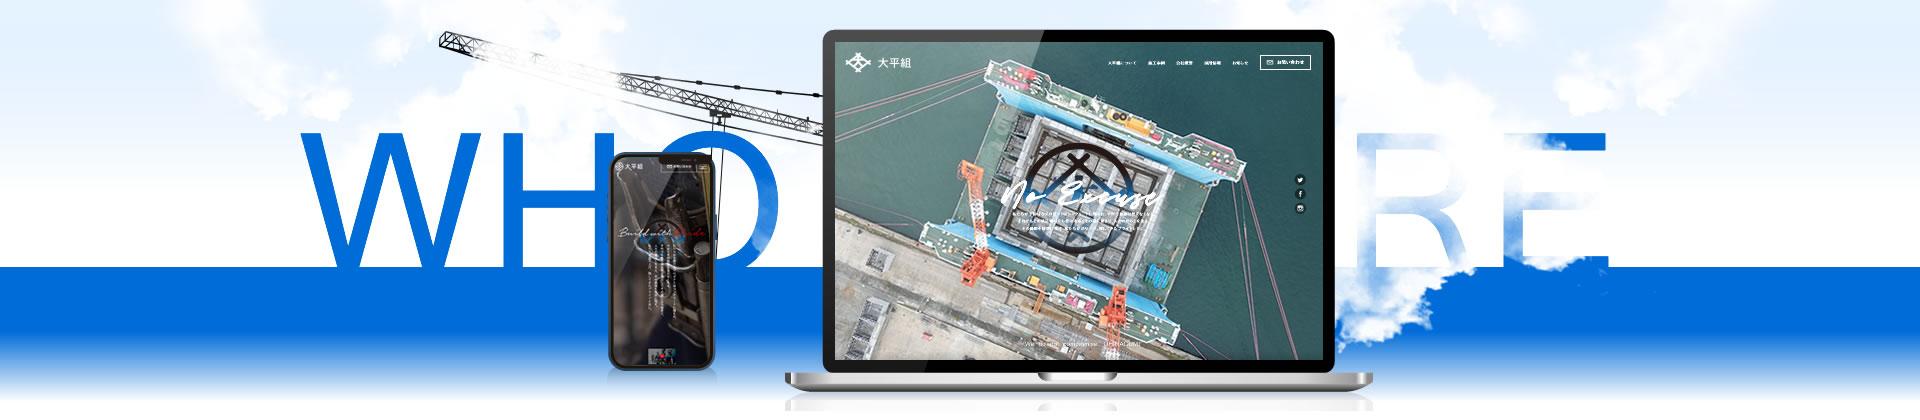 株式会社大平組様ウェブデザイン